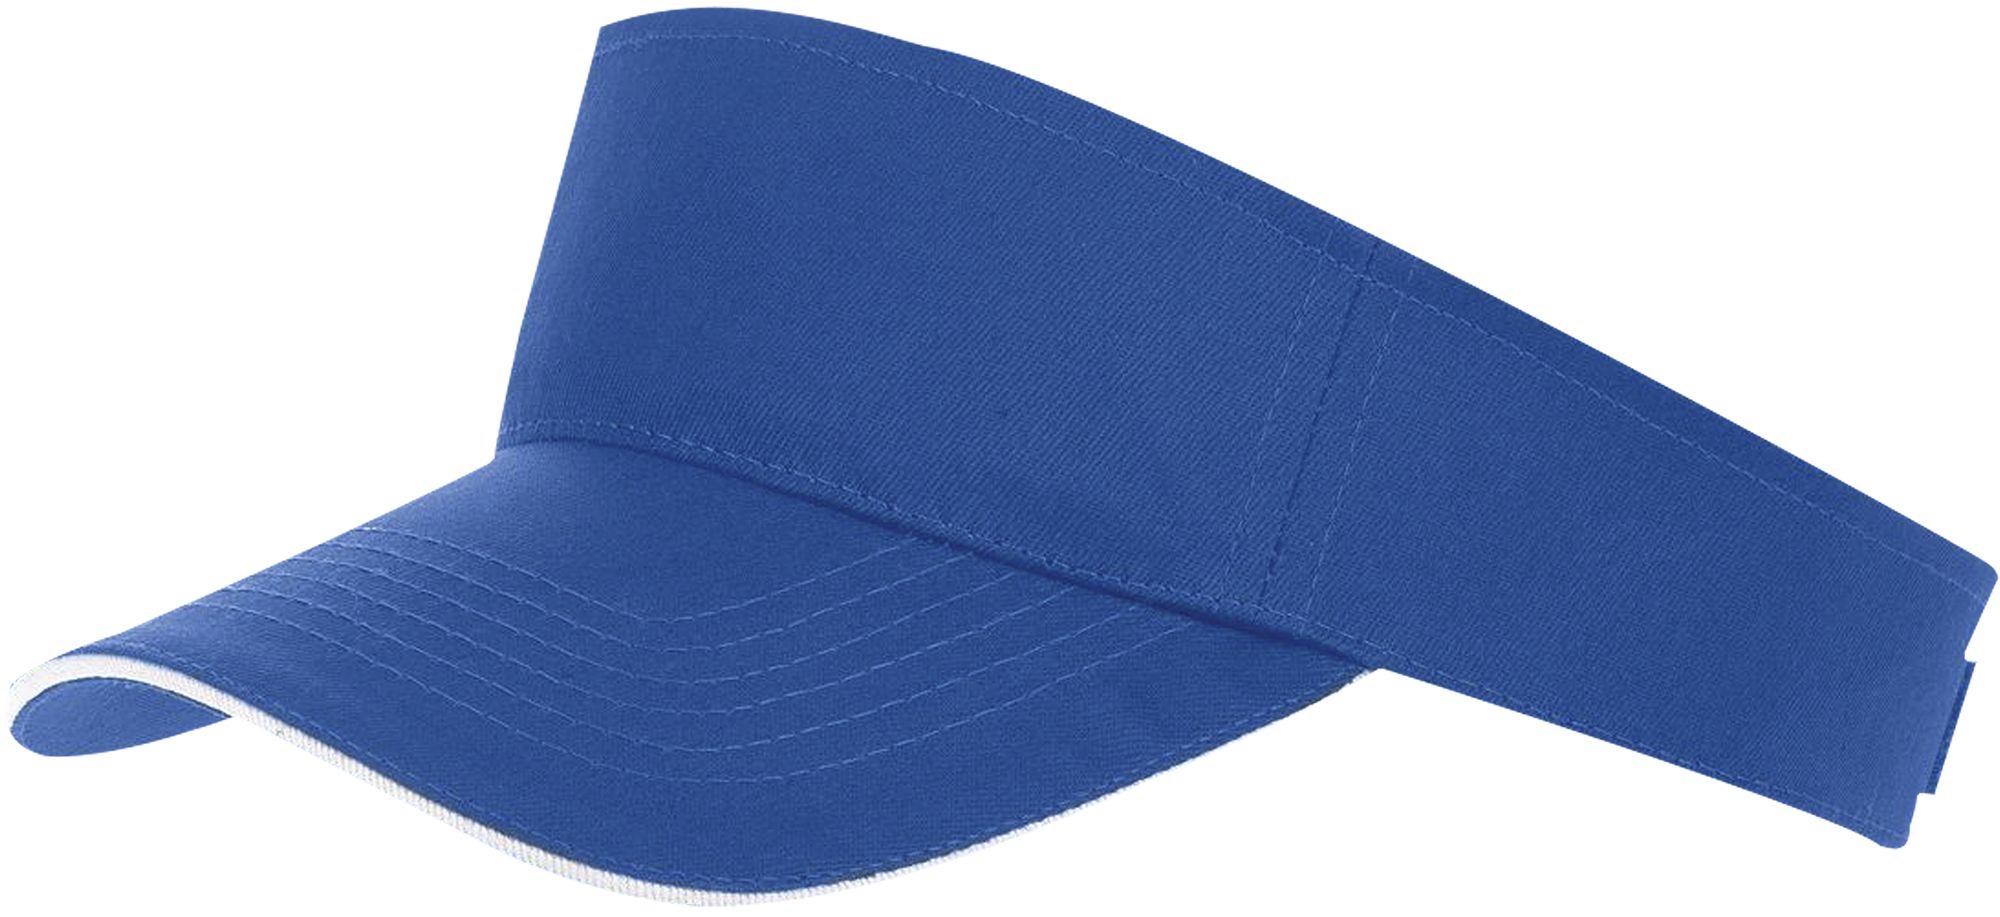 Козырек ACE, ярко-синий с белым